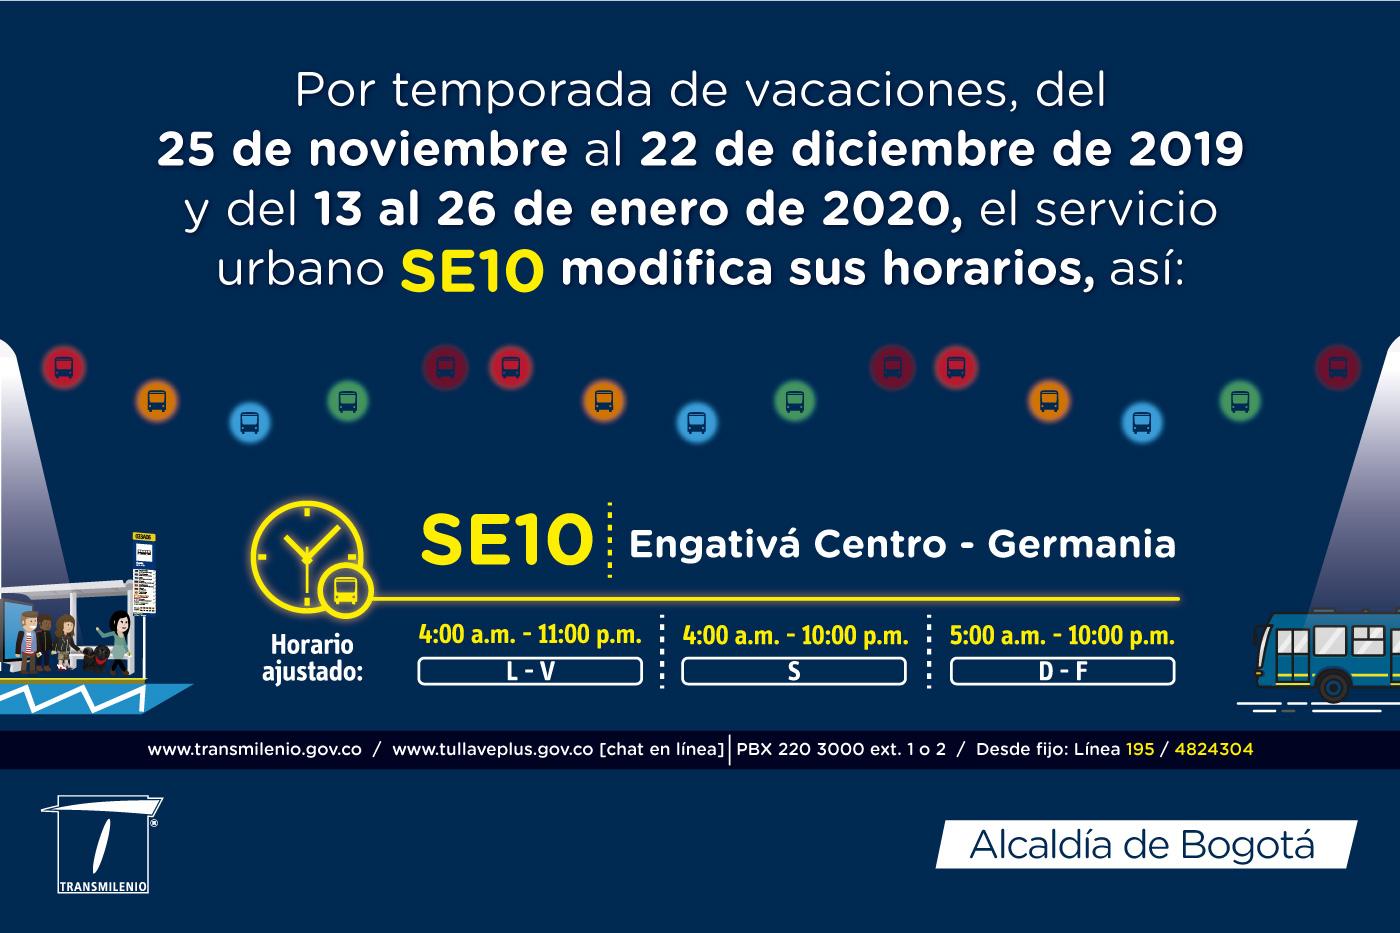 SE10 Engativá Centro Germania horario ajustado para navidad